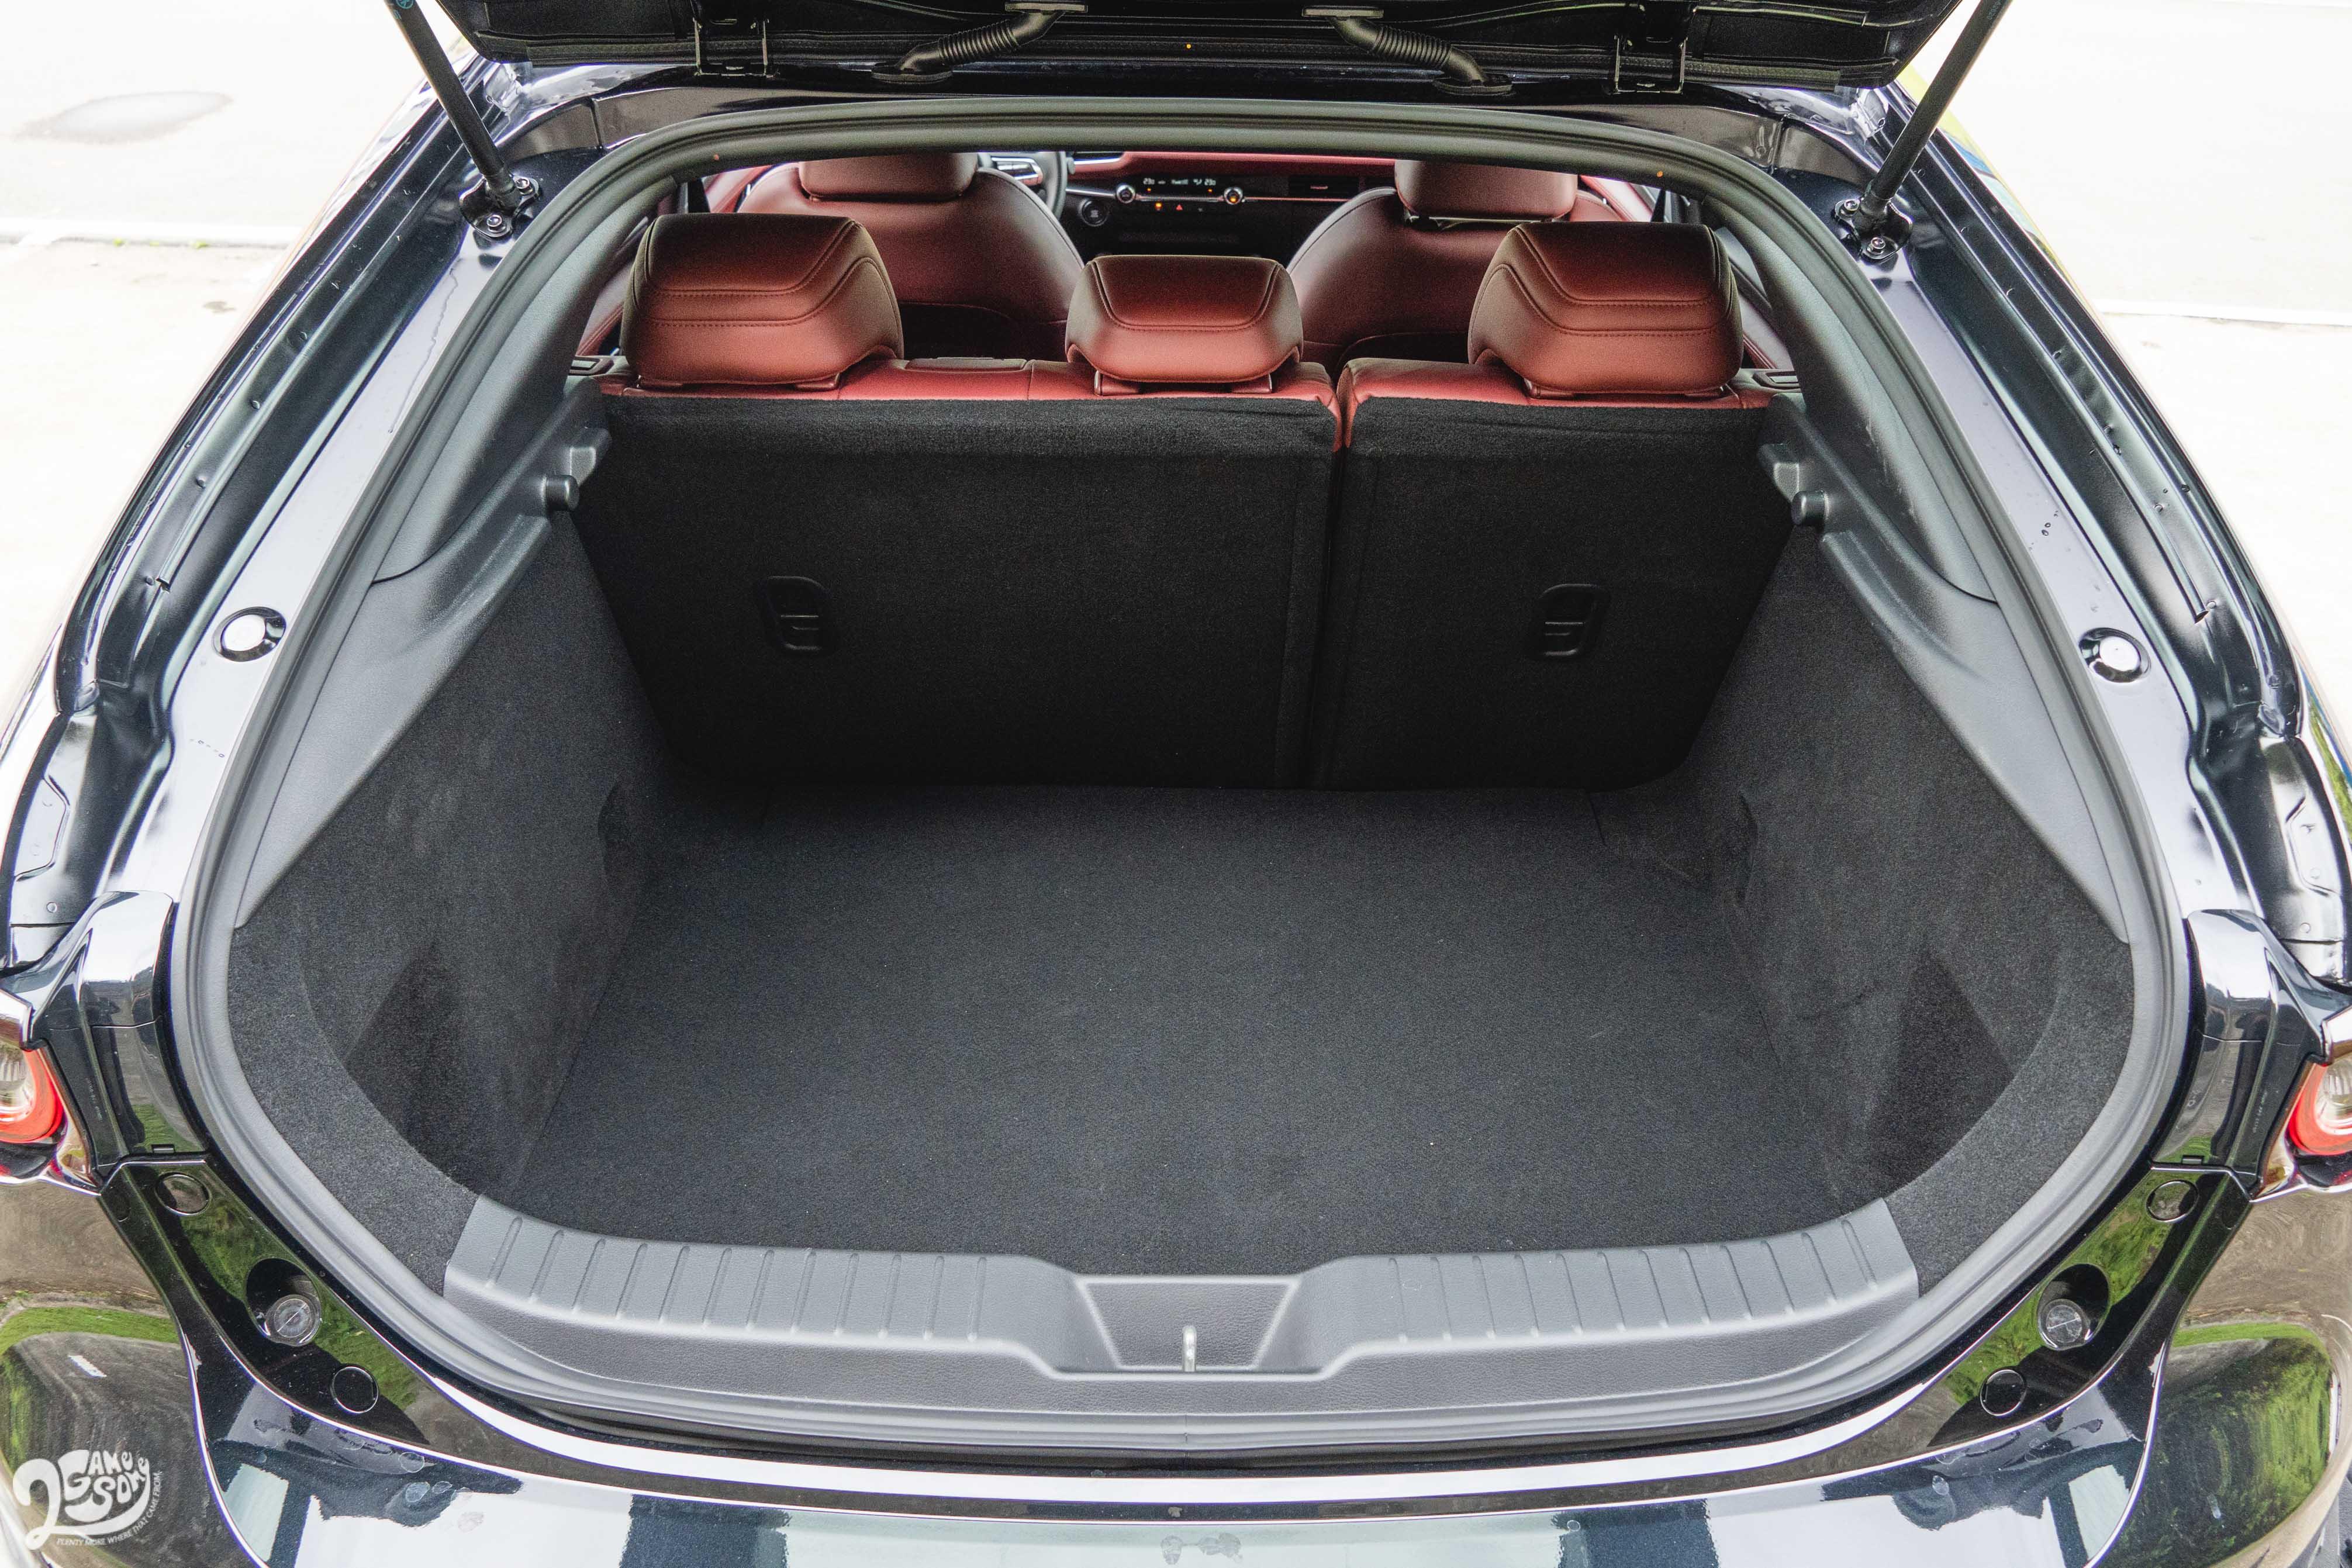 Mazda 5D 行李廂容積 327 公升。